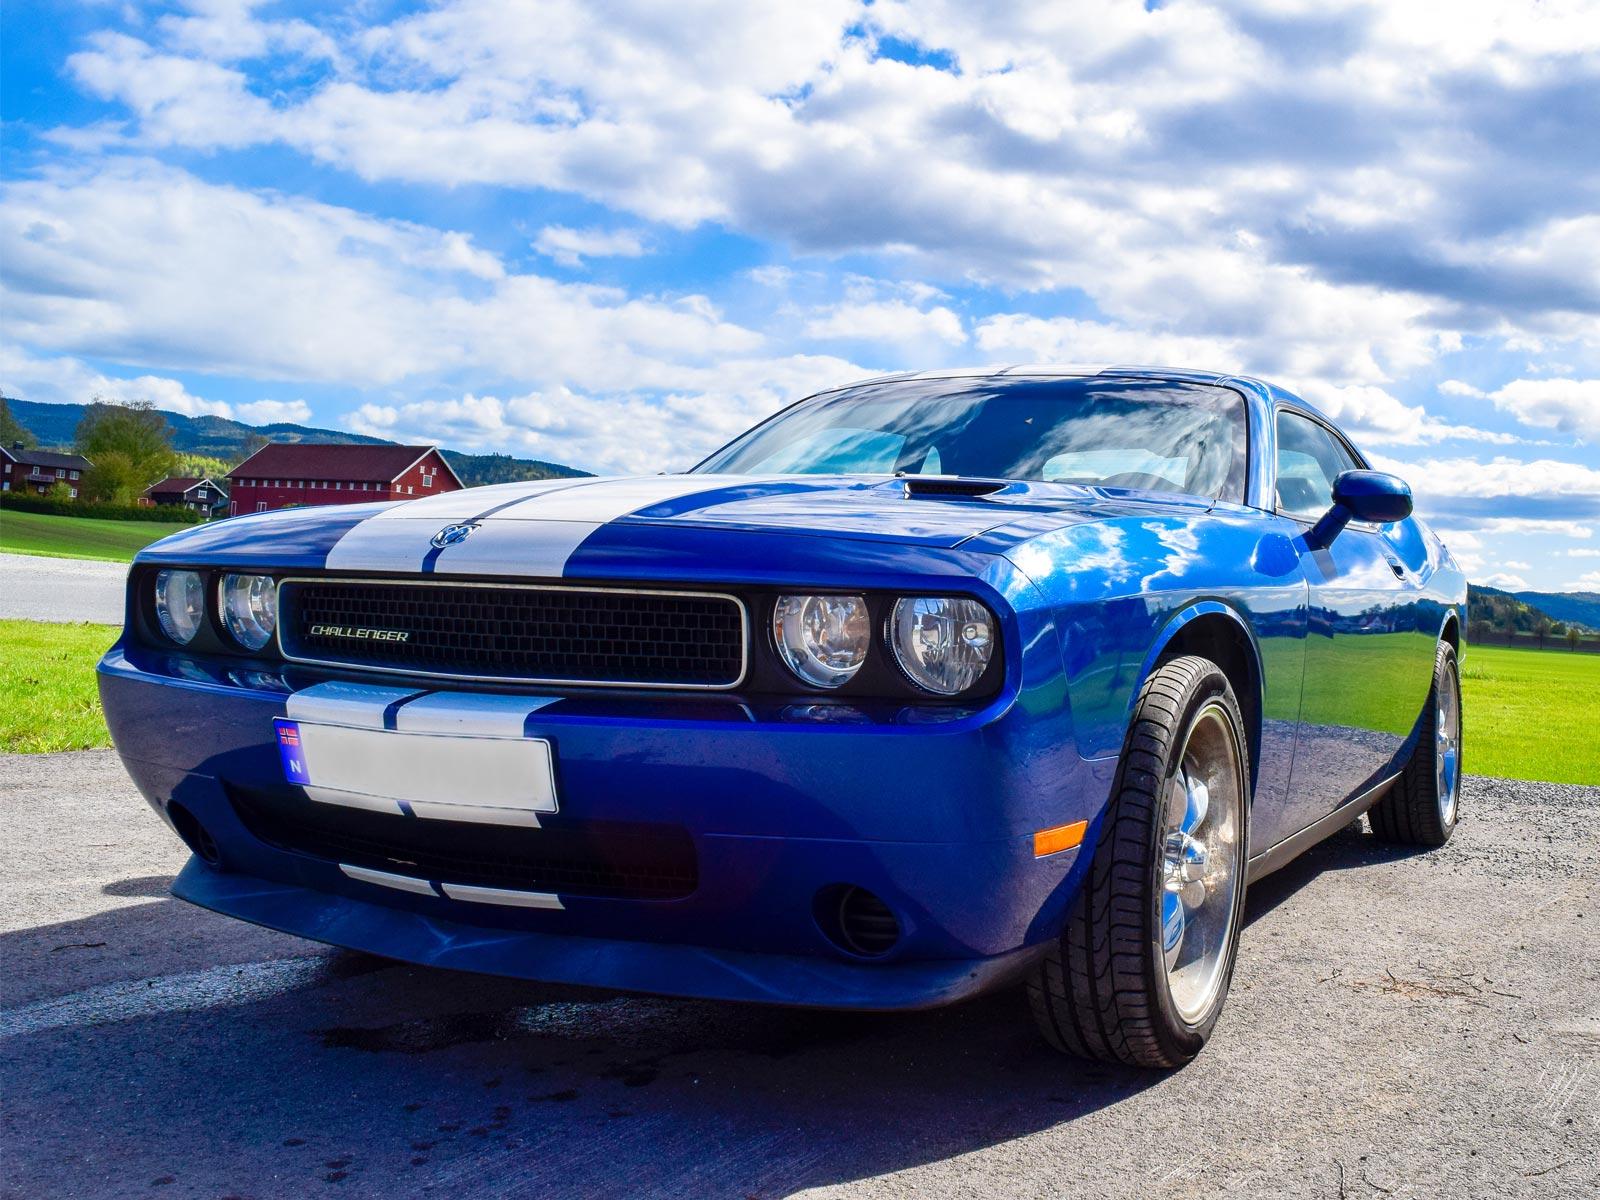 Dodge Challenger 2010 modell. Se vårt utvalg av biler.